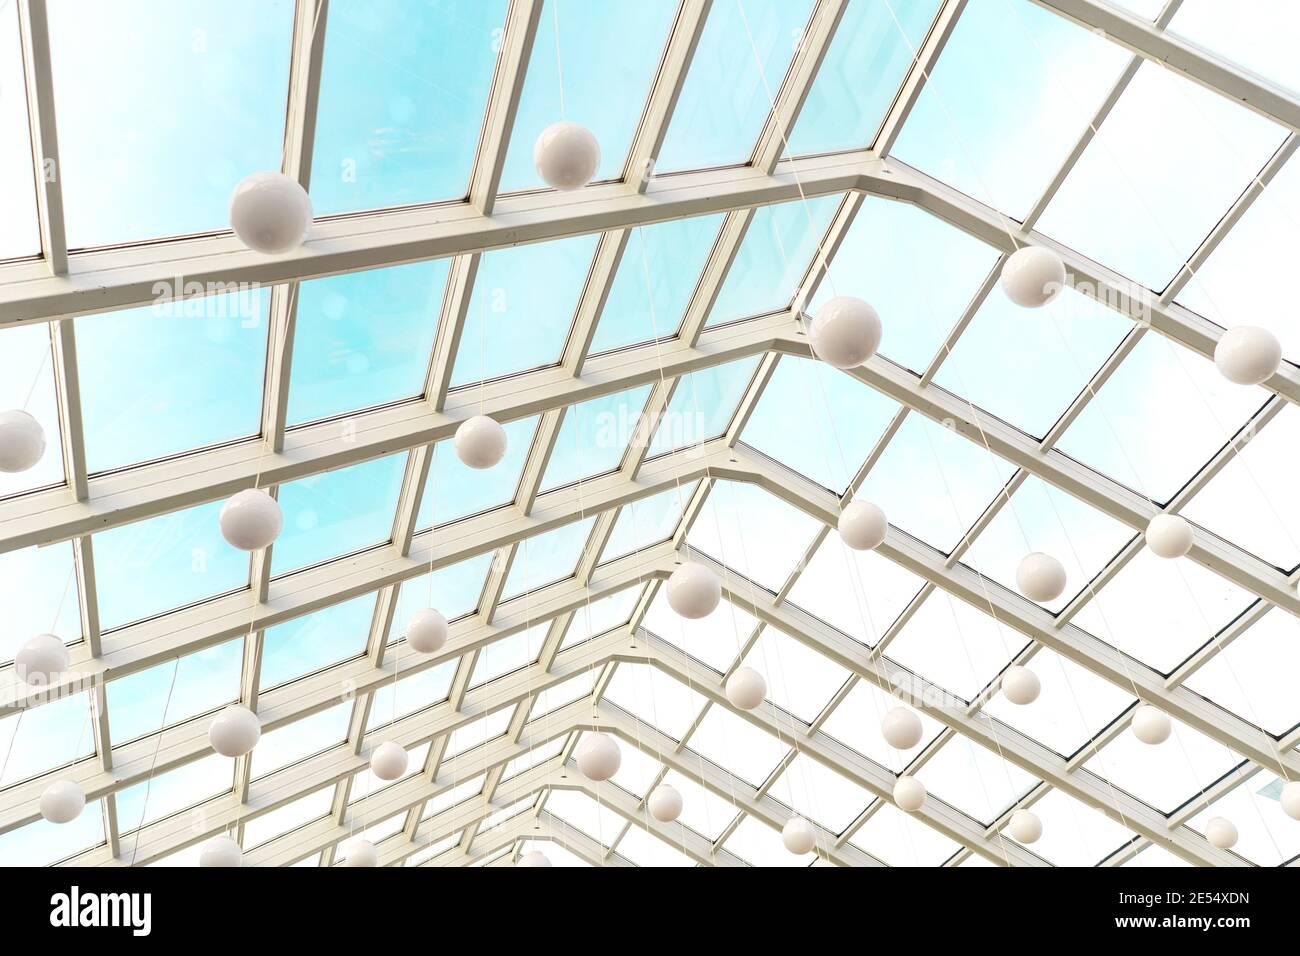 Techo moderno y transparente en interior futurista con arcos blancos en perspectiva. Lámparas esférico blancas. Foto de stock